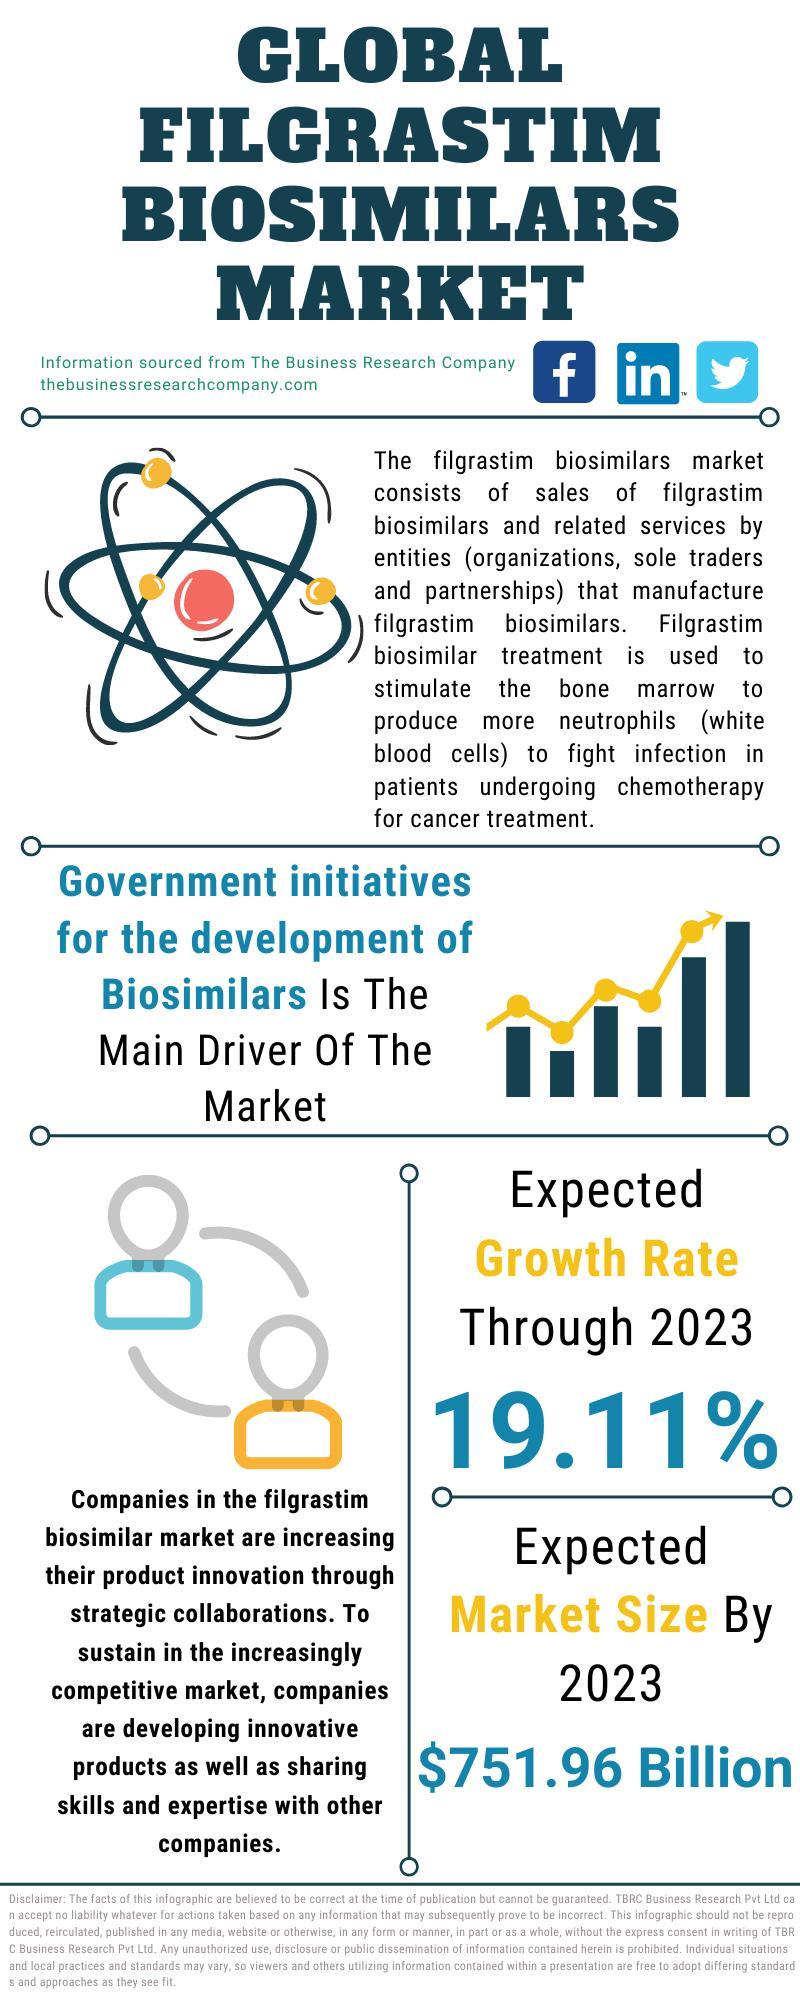 Filgrastim Biosimilars Market